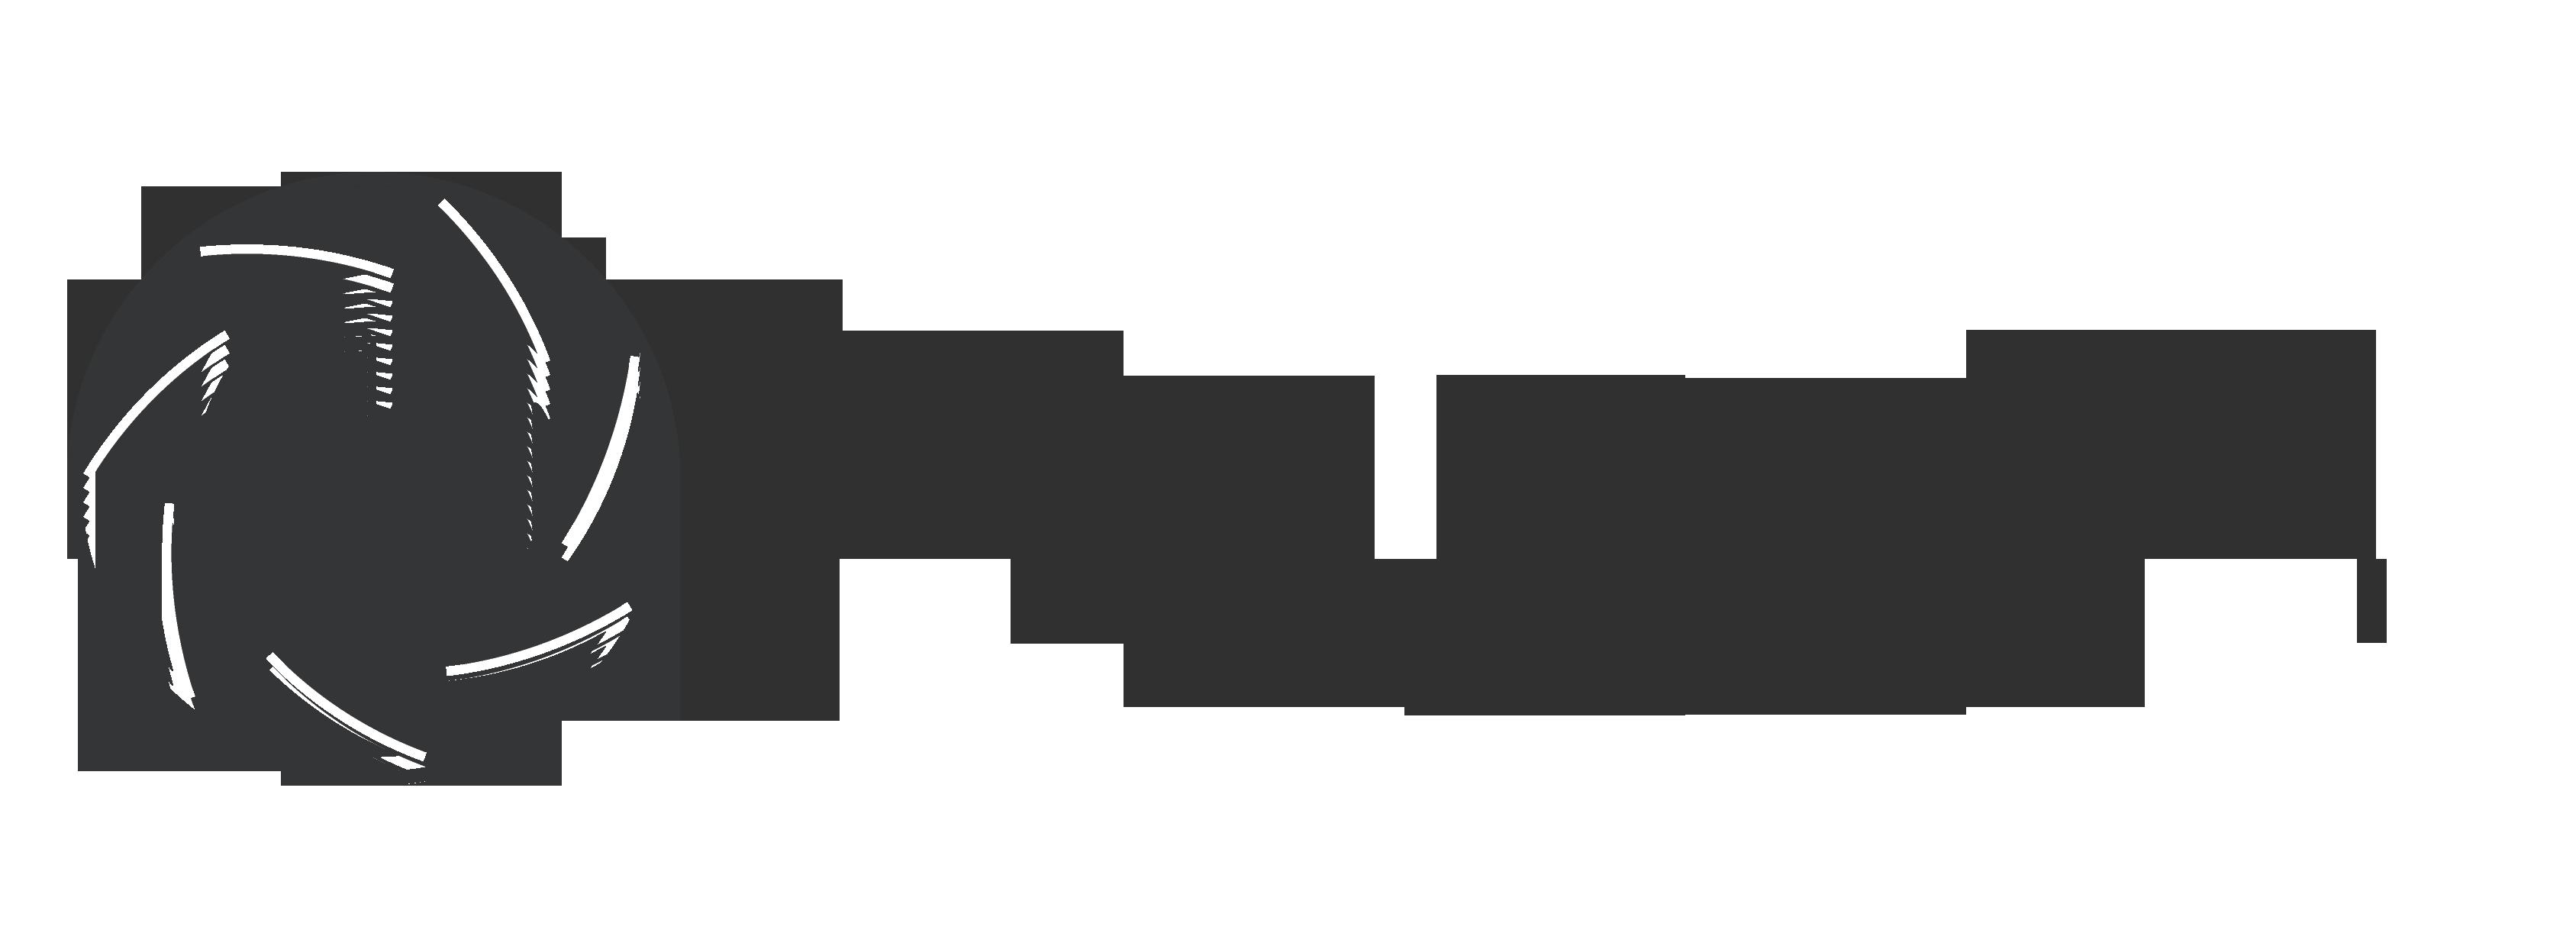 Kaizen: Design und Fotografie